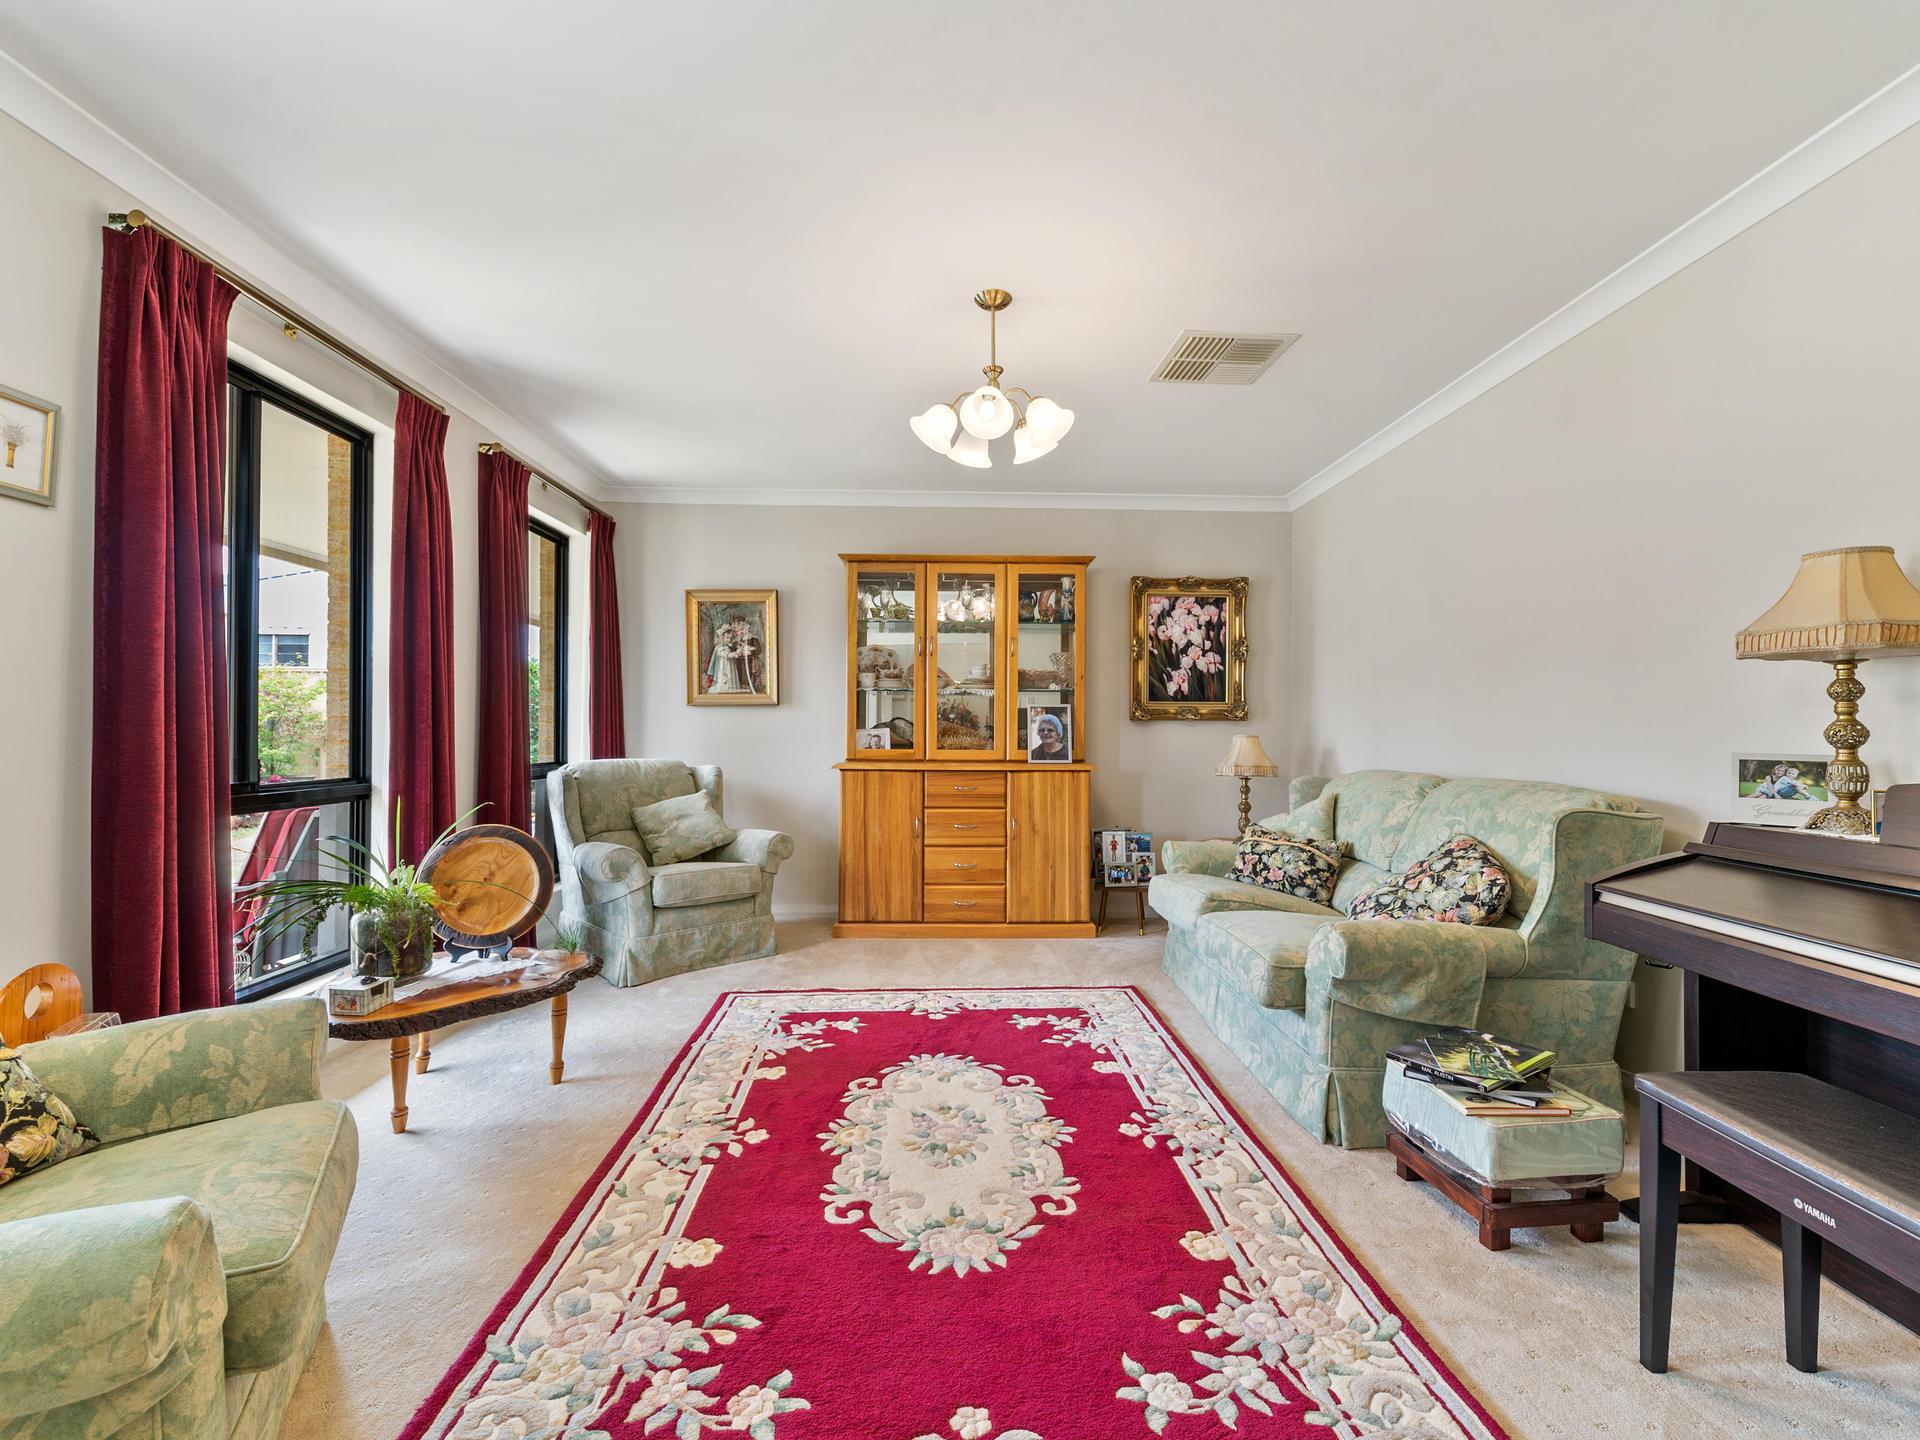 Property for sale in KALAMUNDA